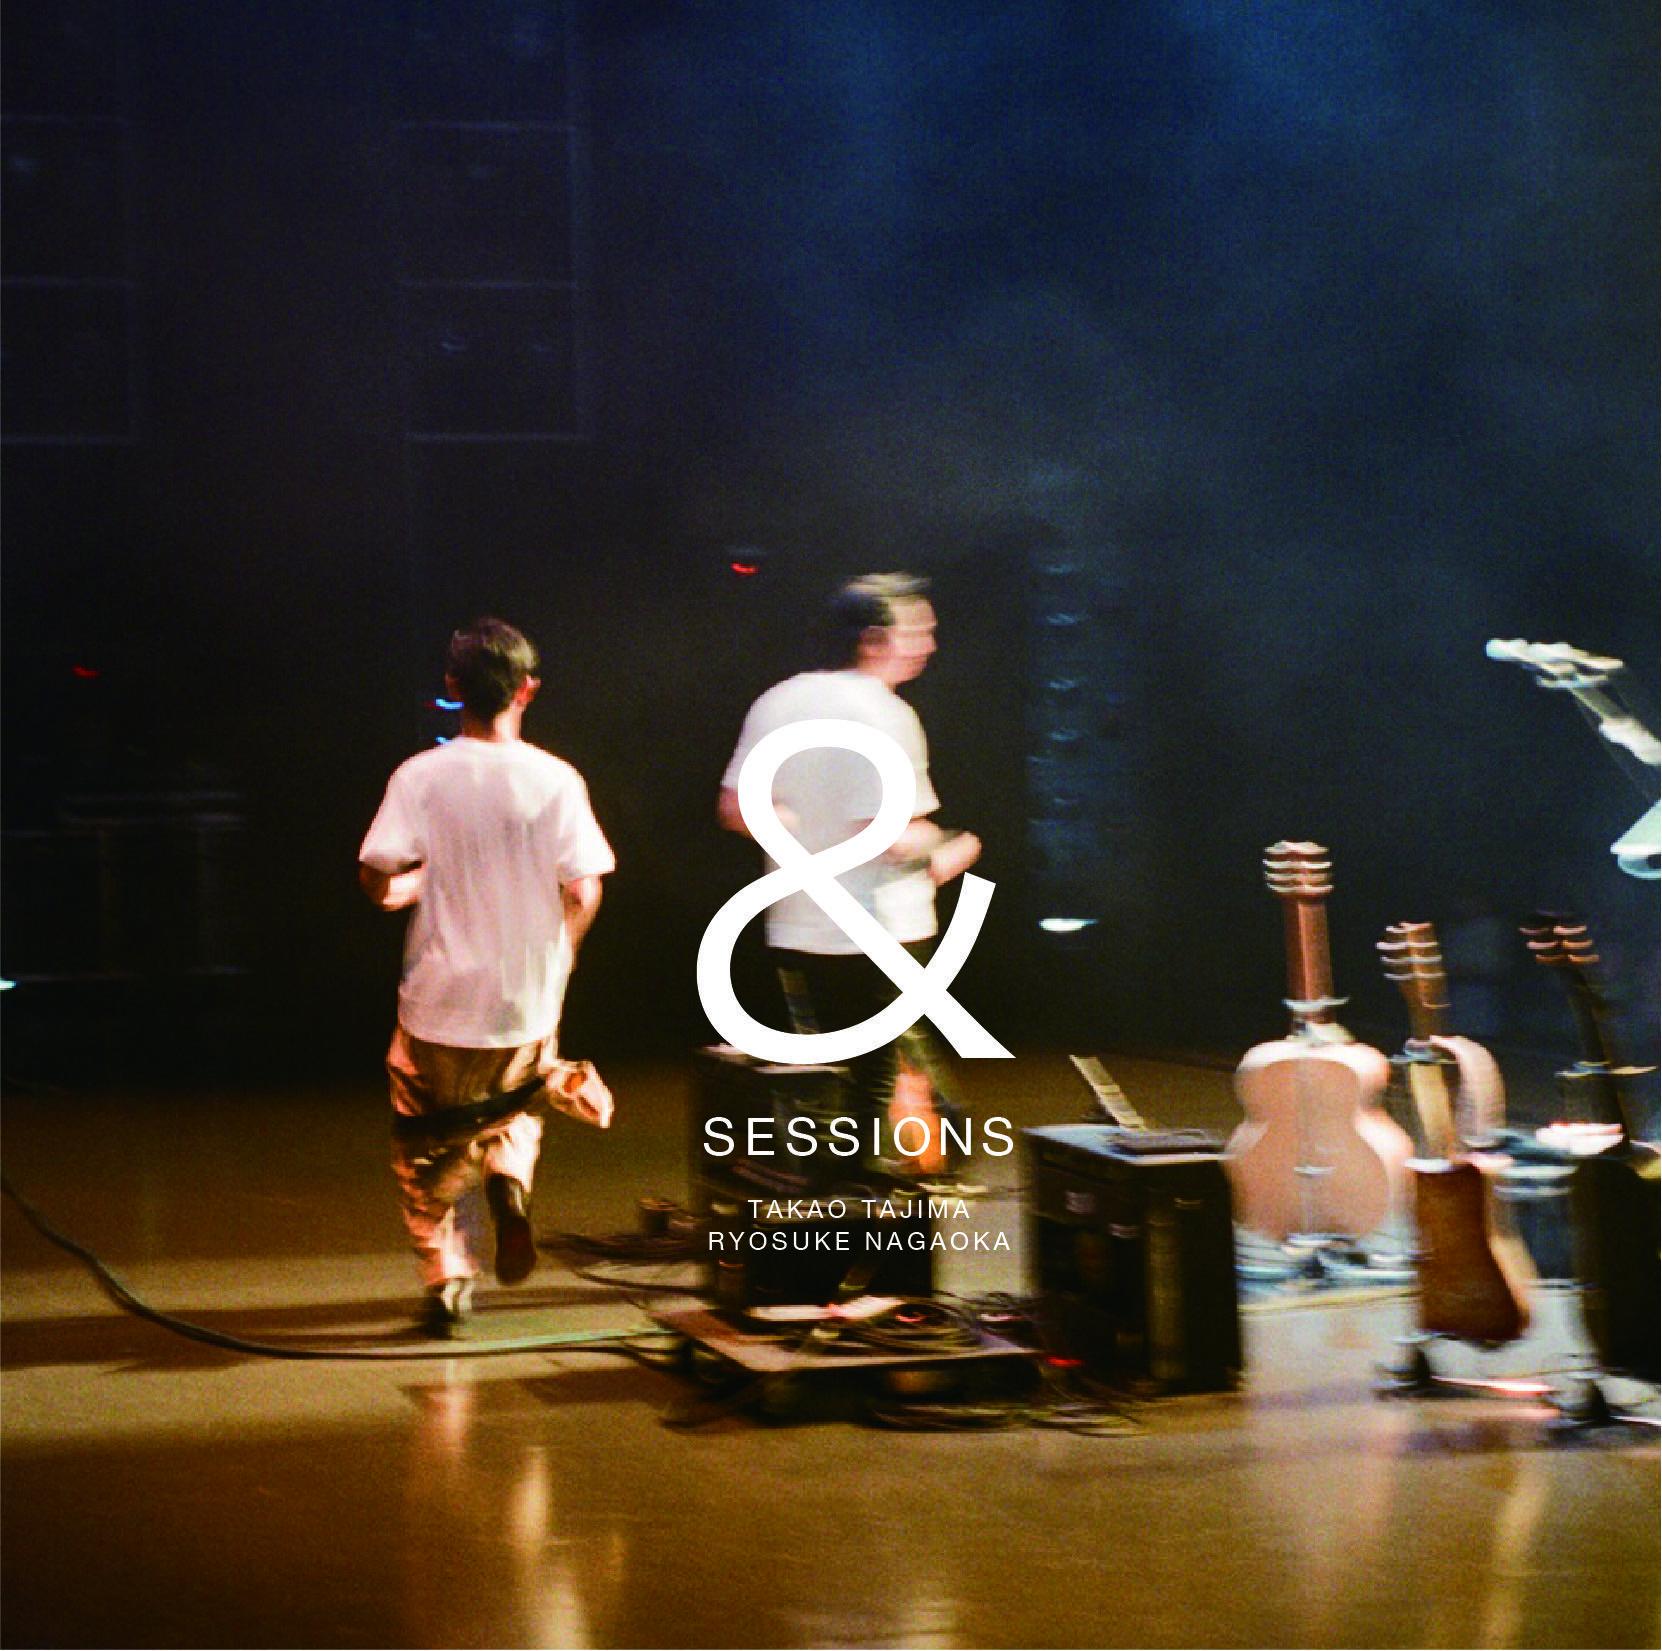 田島貴男&長岡亮介『SESSIONS』